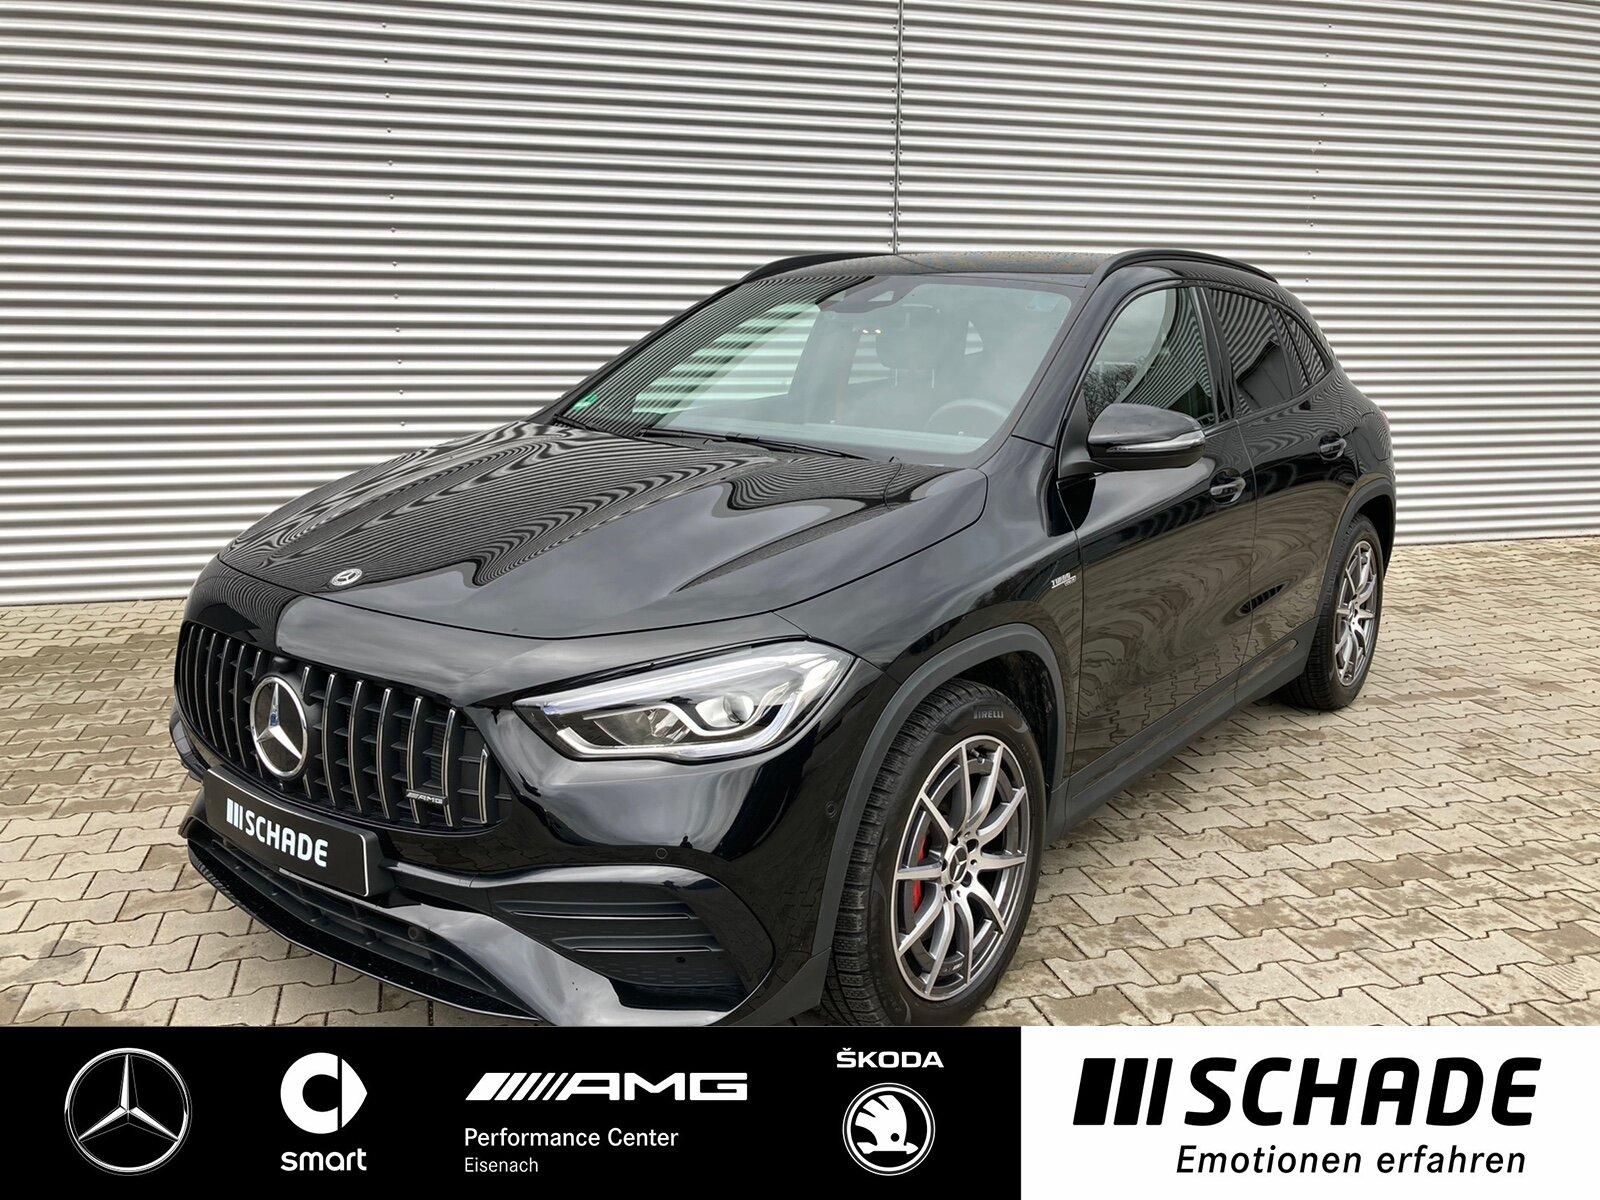 Mercedes-Benz GLA 35 AMG 4Matic AHK*Soundsy.*Kamera*el.Heckkl., Jahr 2020, Benzin